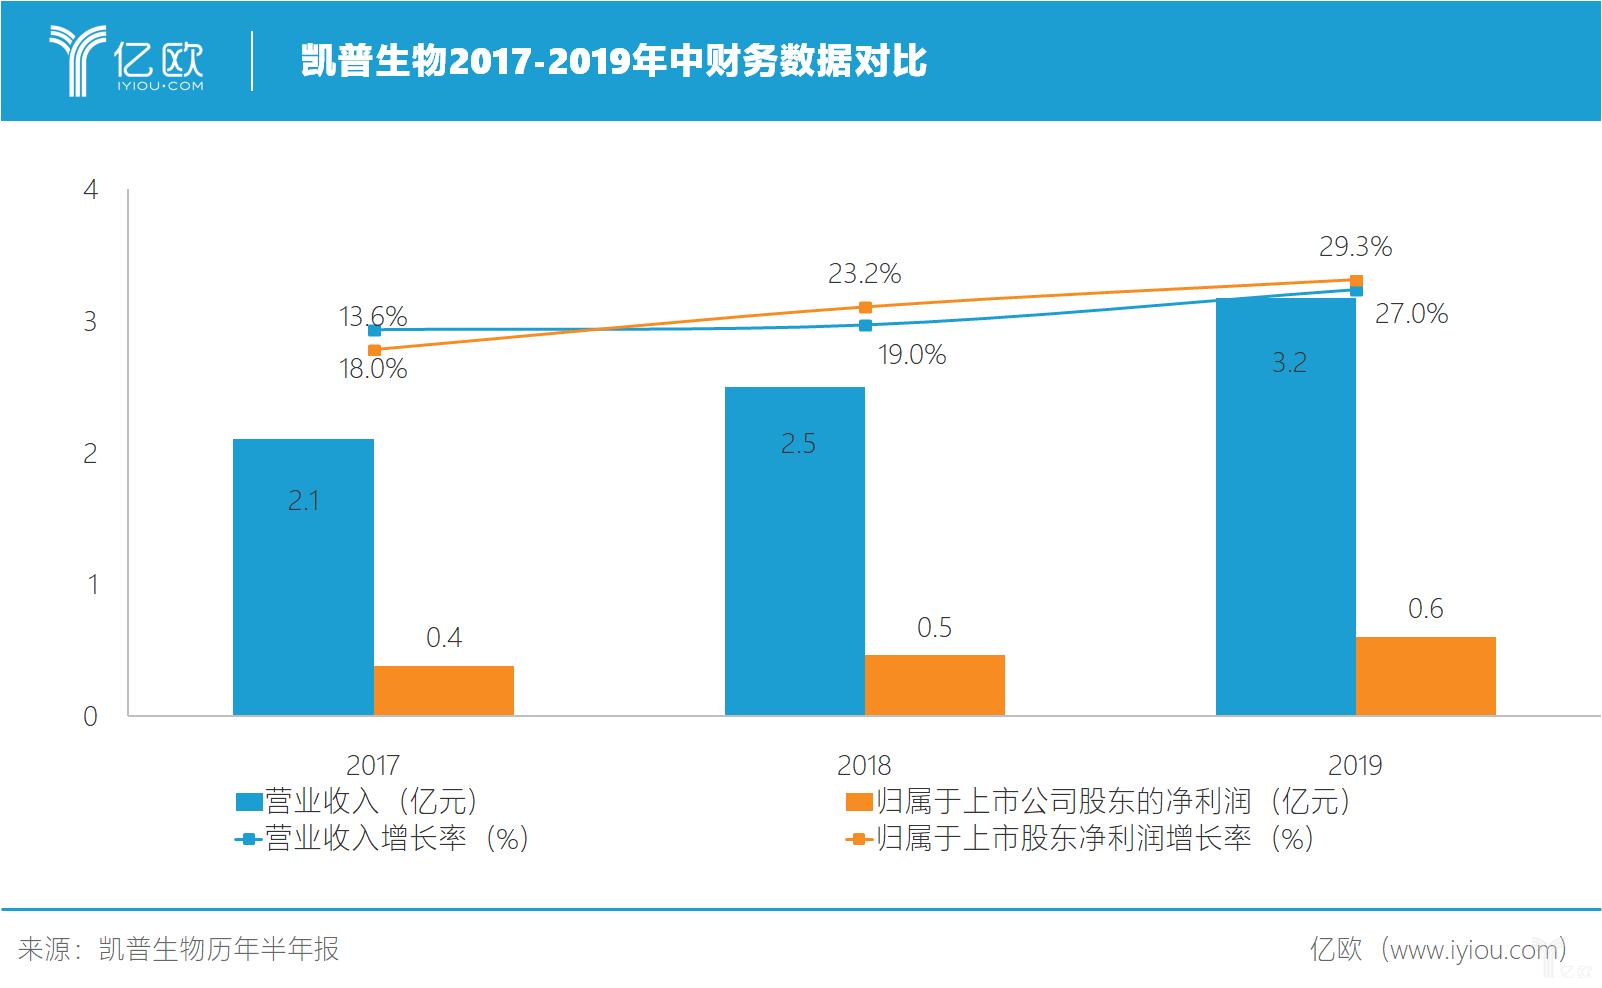 凯普生物2017-2019年中财务数据对比.jpg